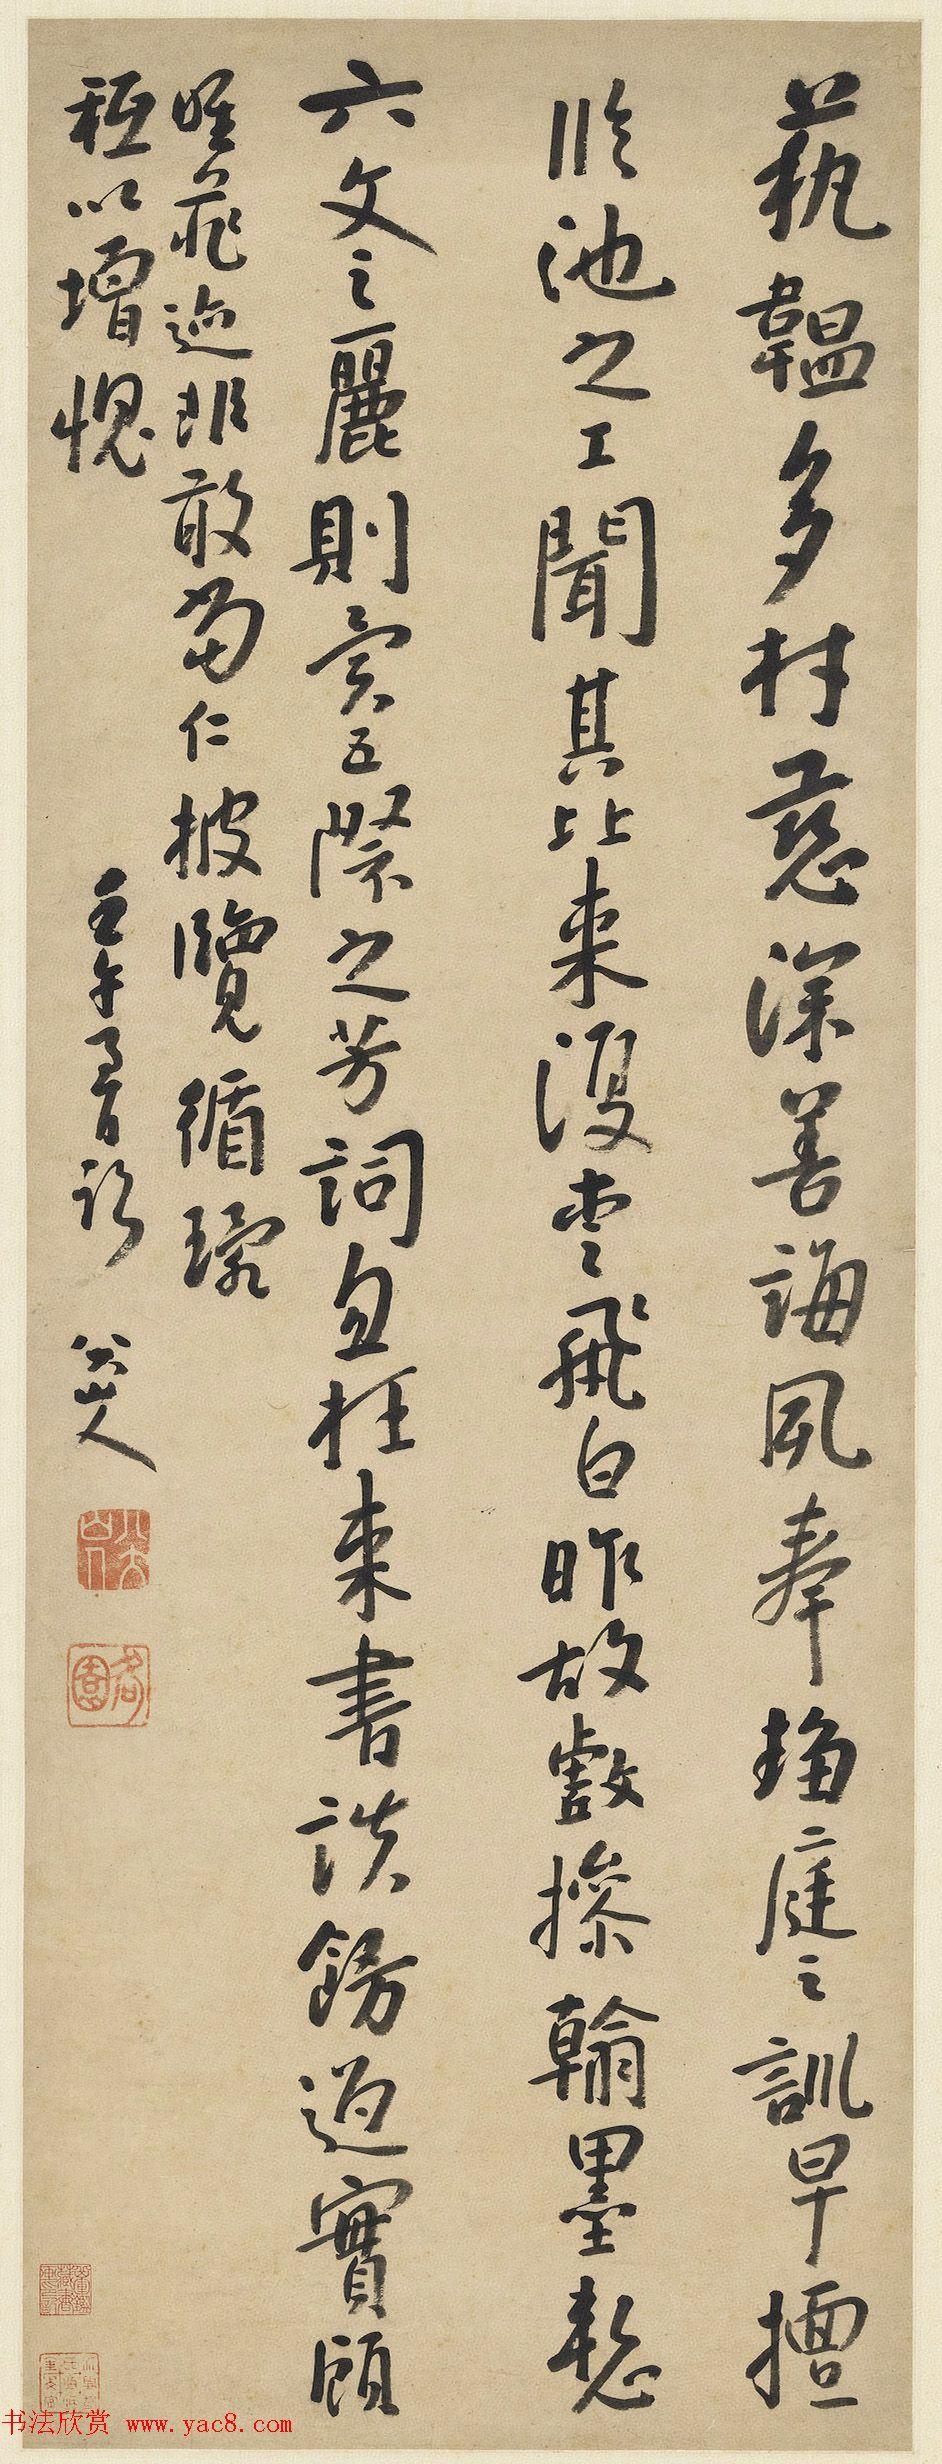 清代朱耷行书《艺韫帖》作于冬至